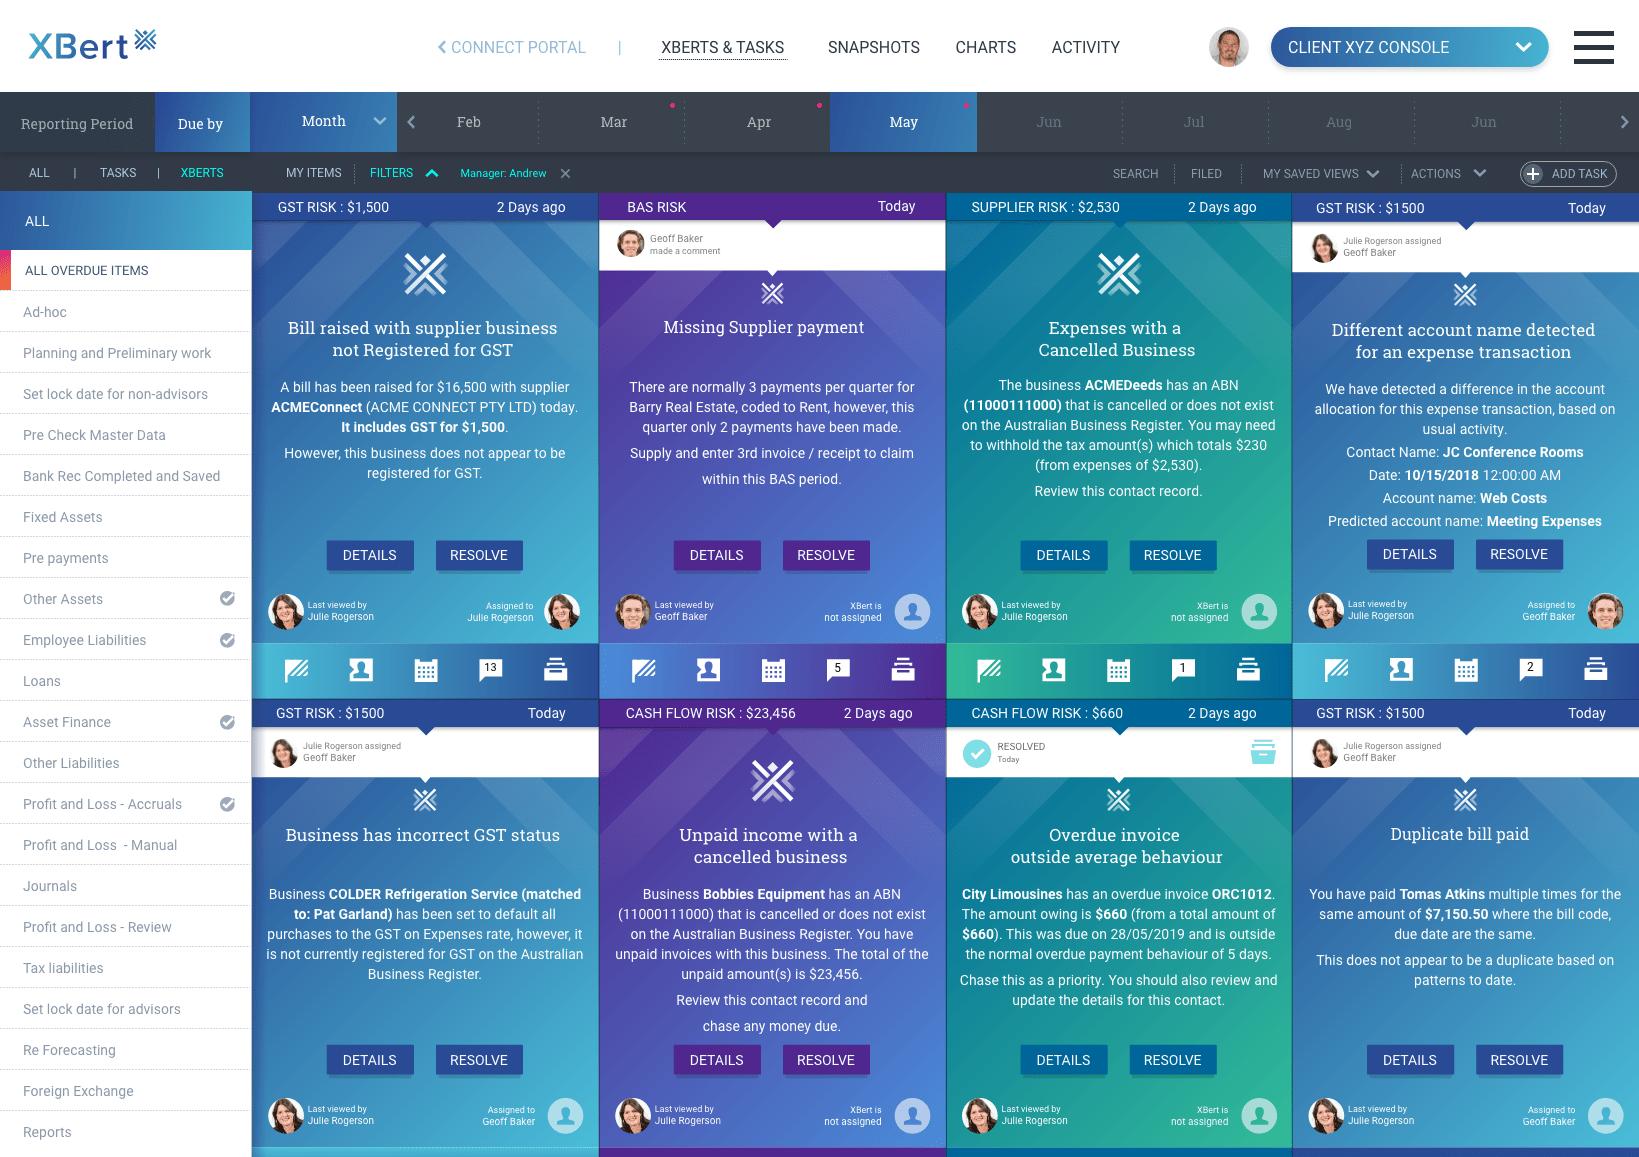 xbert - client view